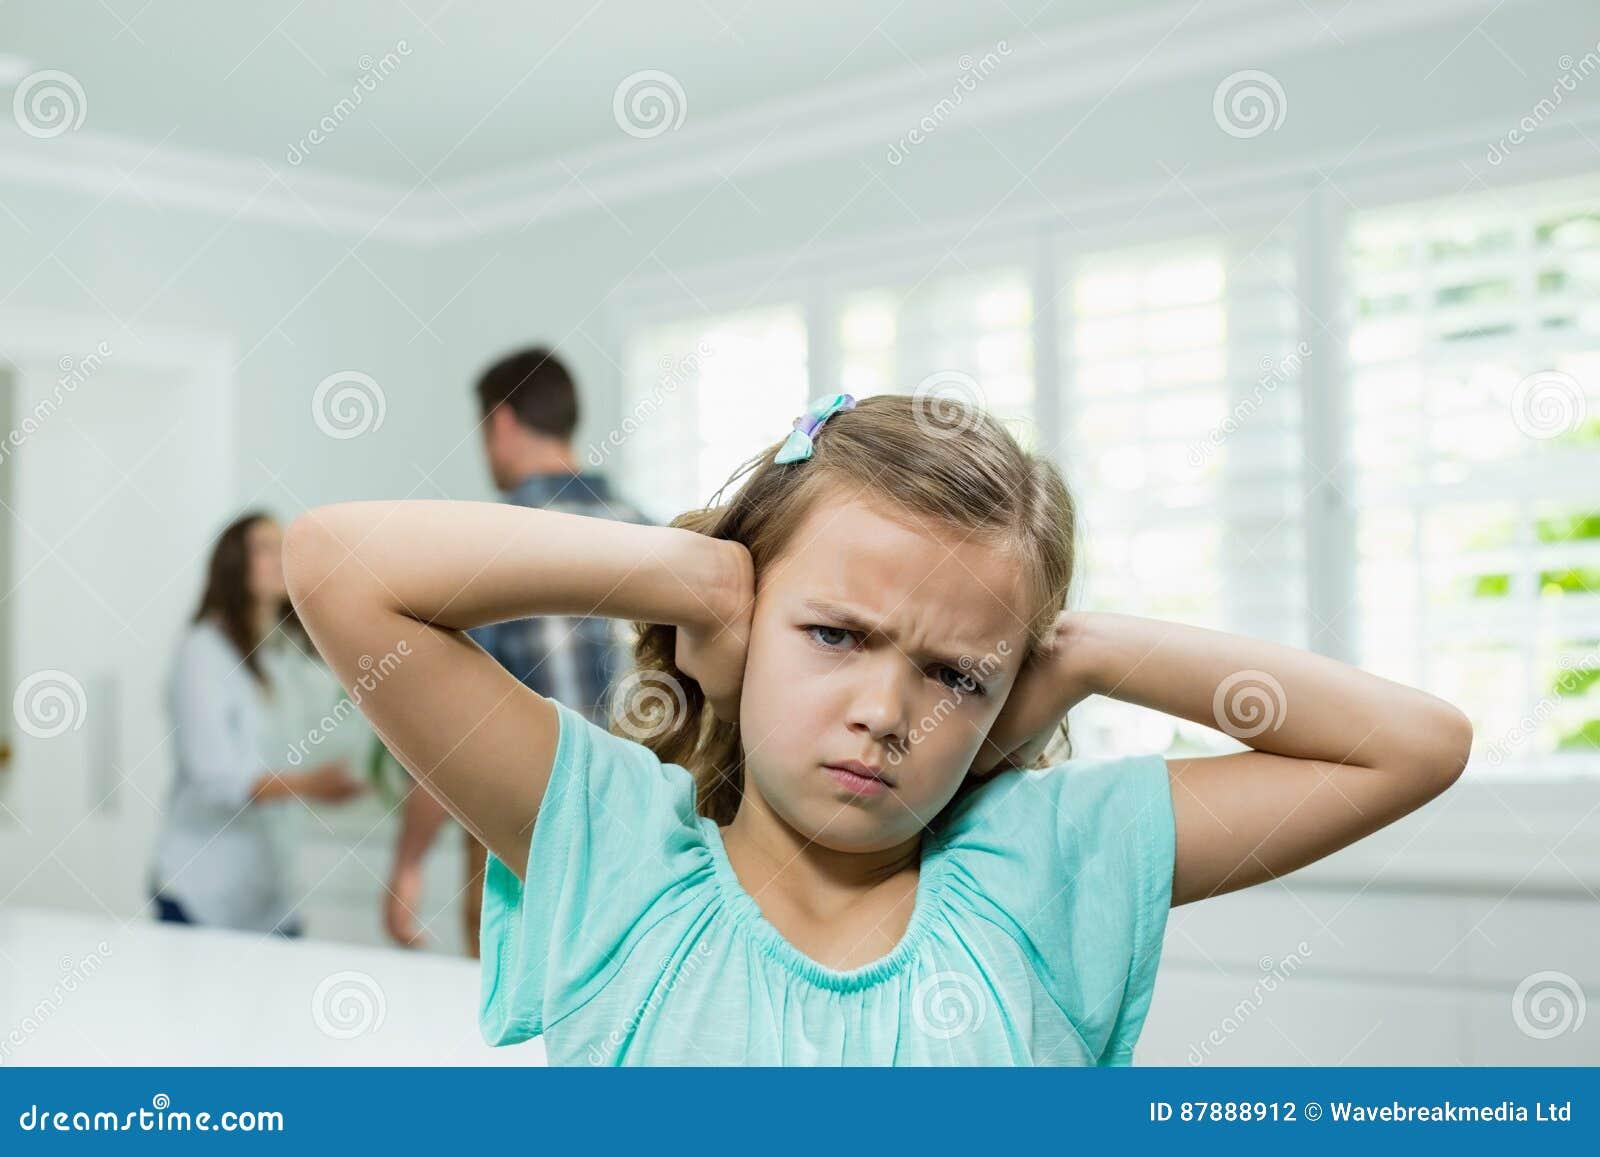 Het meisje behandelt haar oren met haar handen terwijl ouders die op achtergrond debatteren